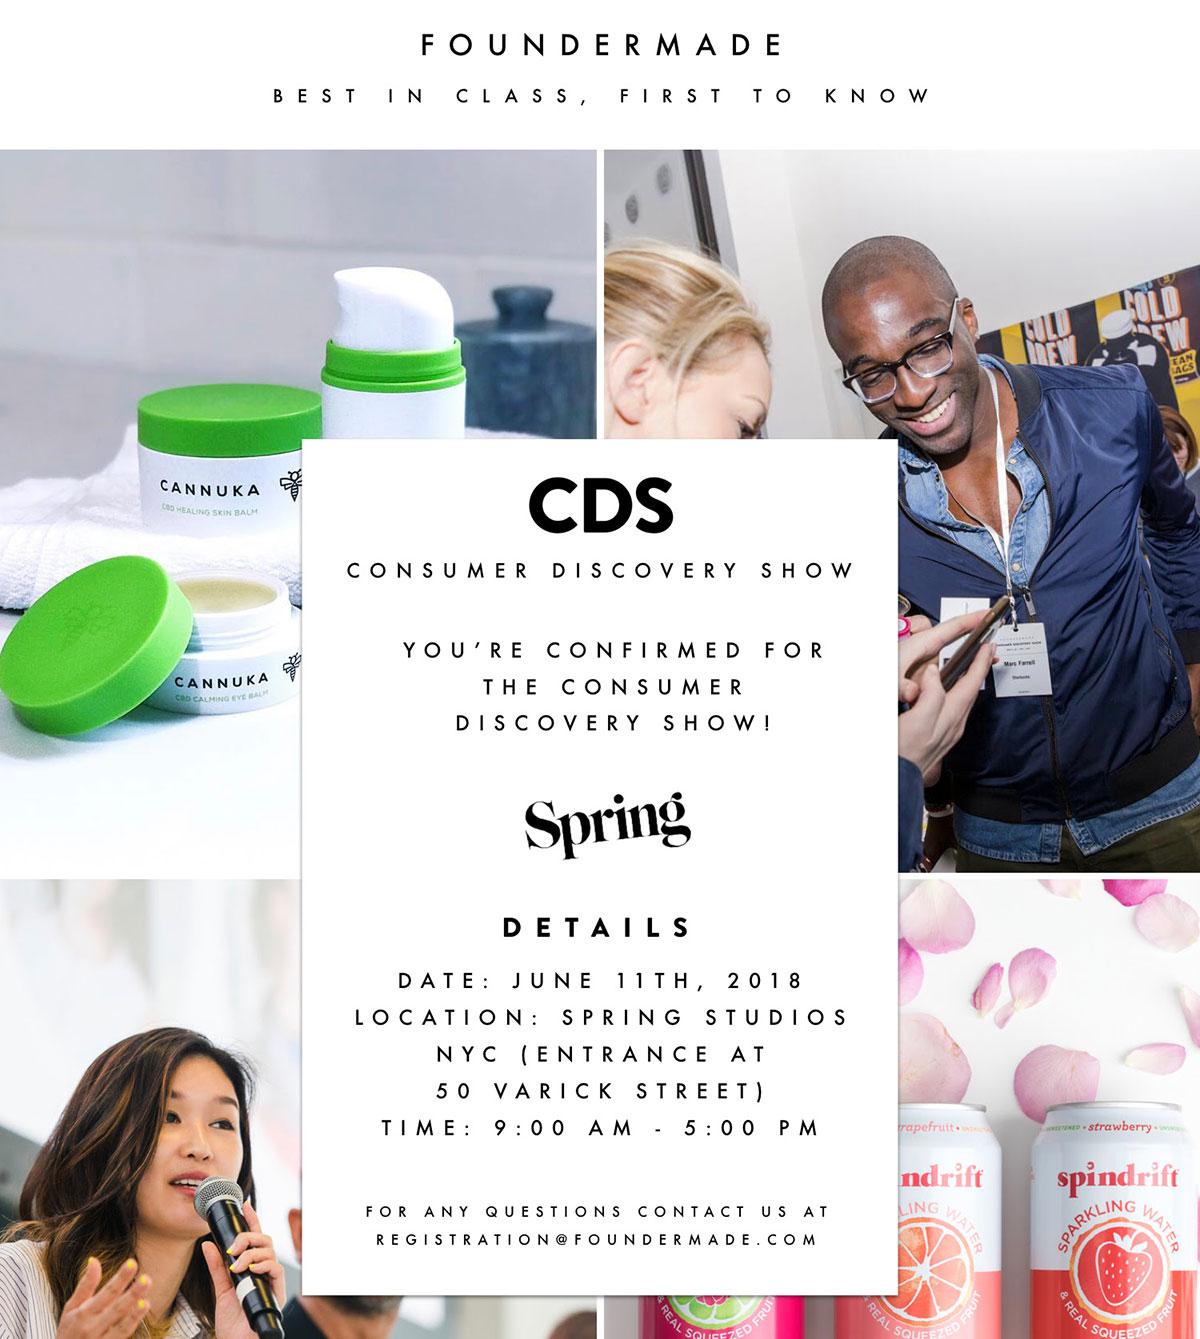 Foundermade Consumer Discover Show invitaiton